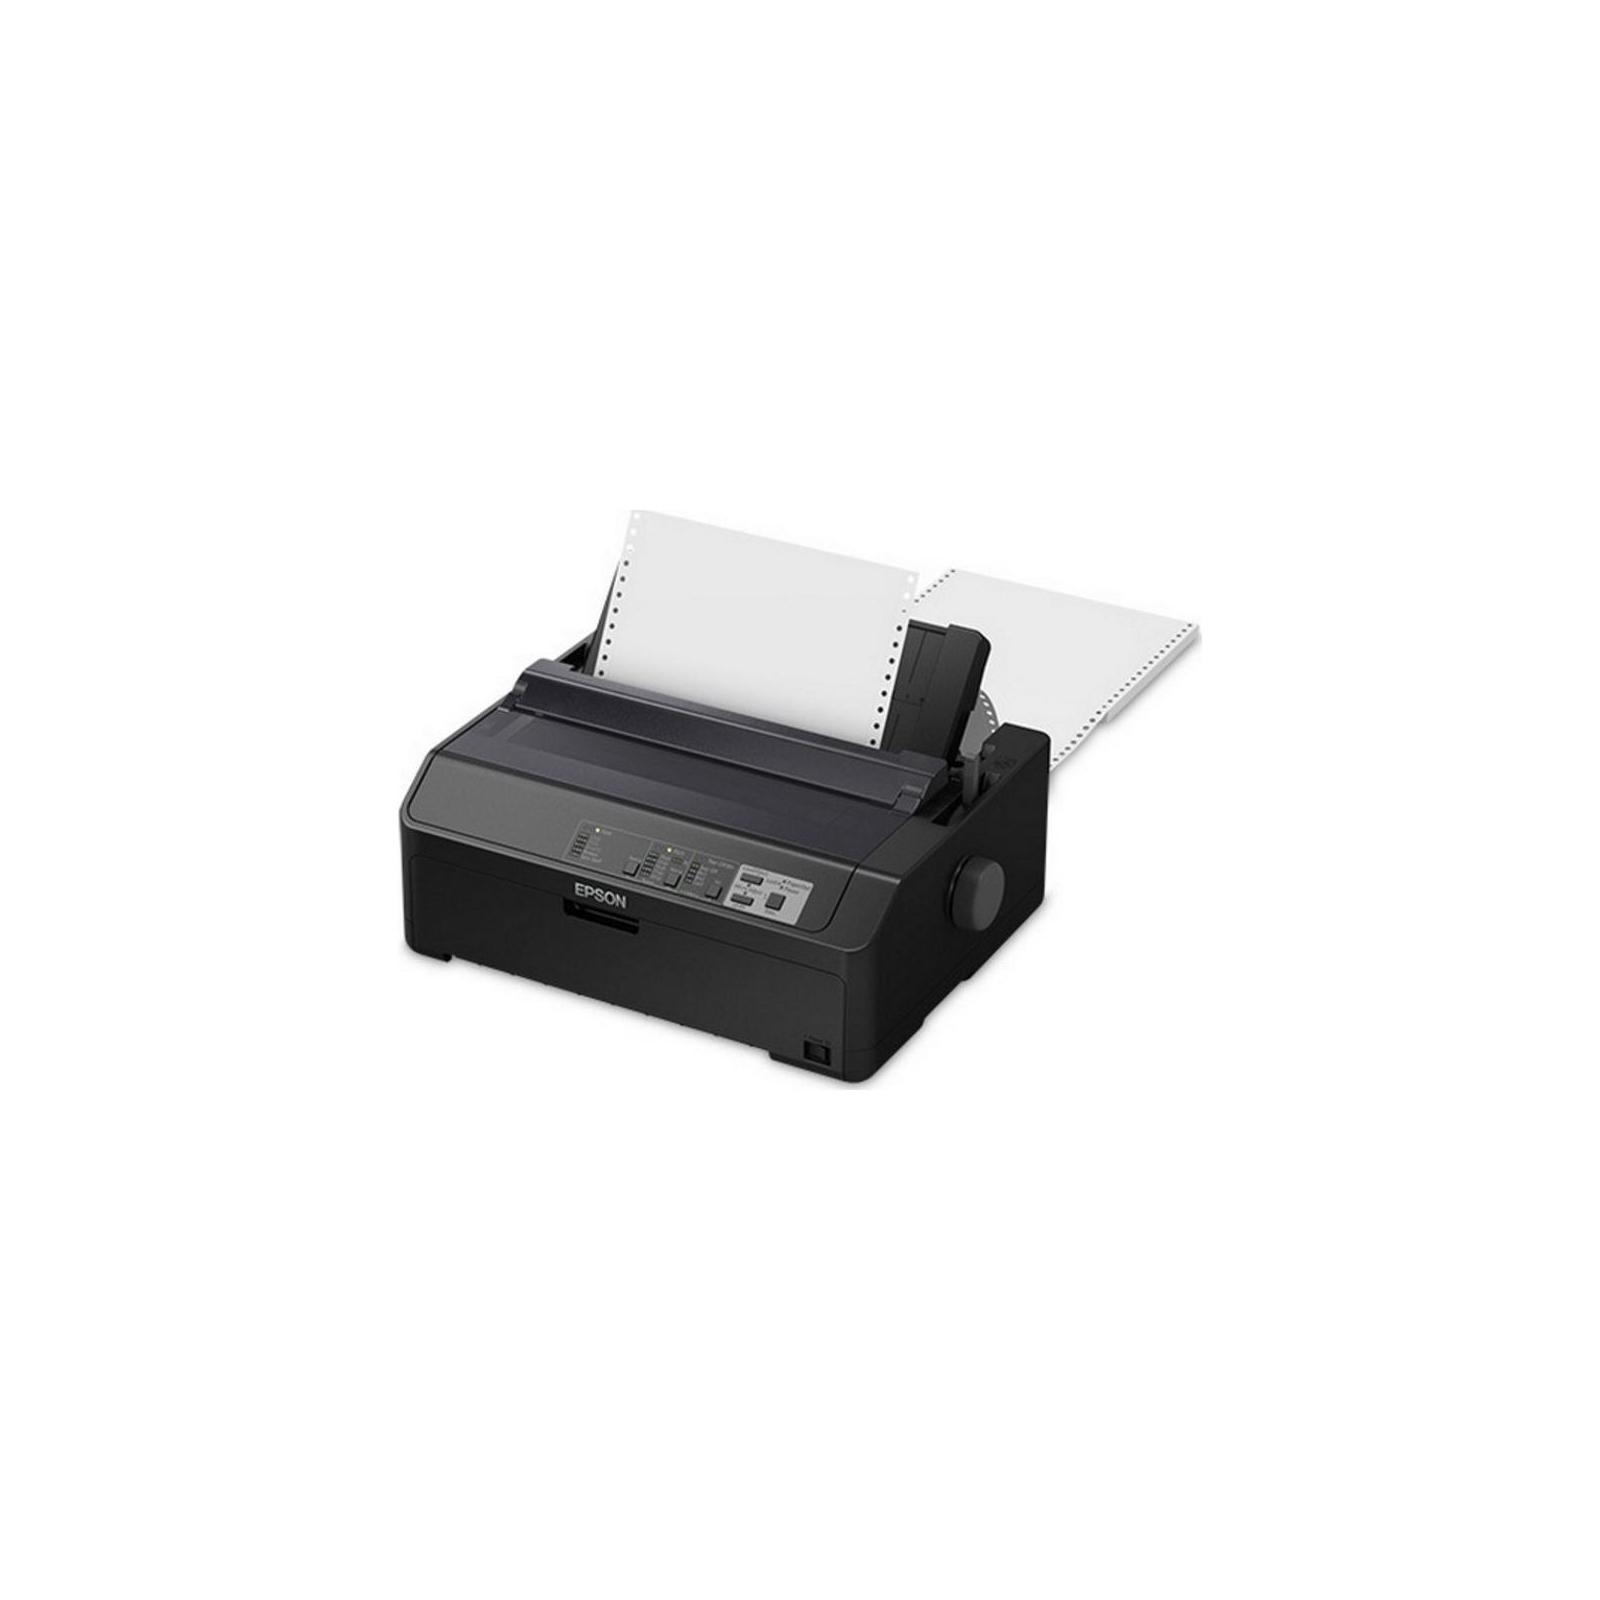 Матричный принтер FX 890II EPSON (C11CF37401)